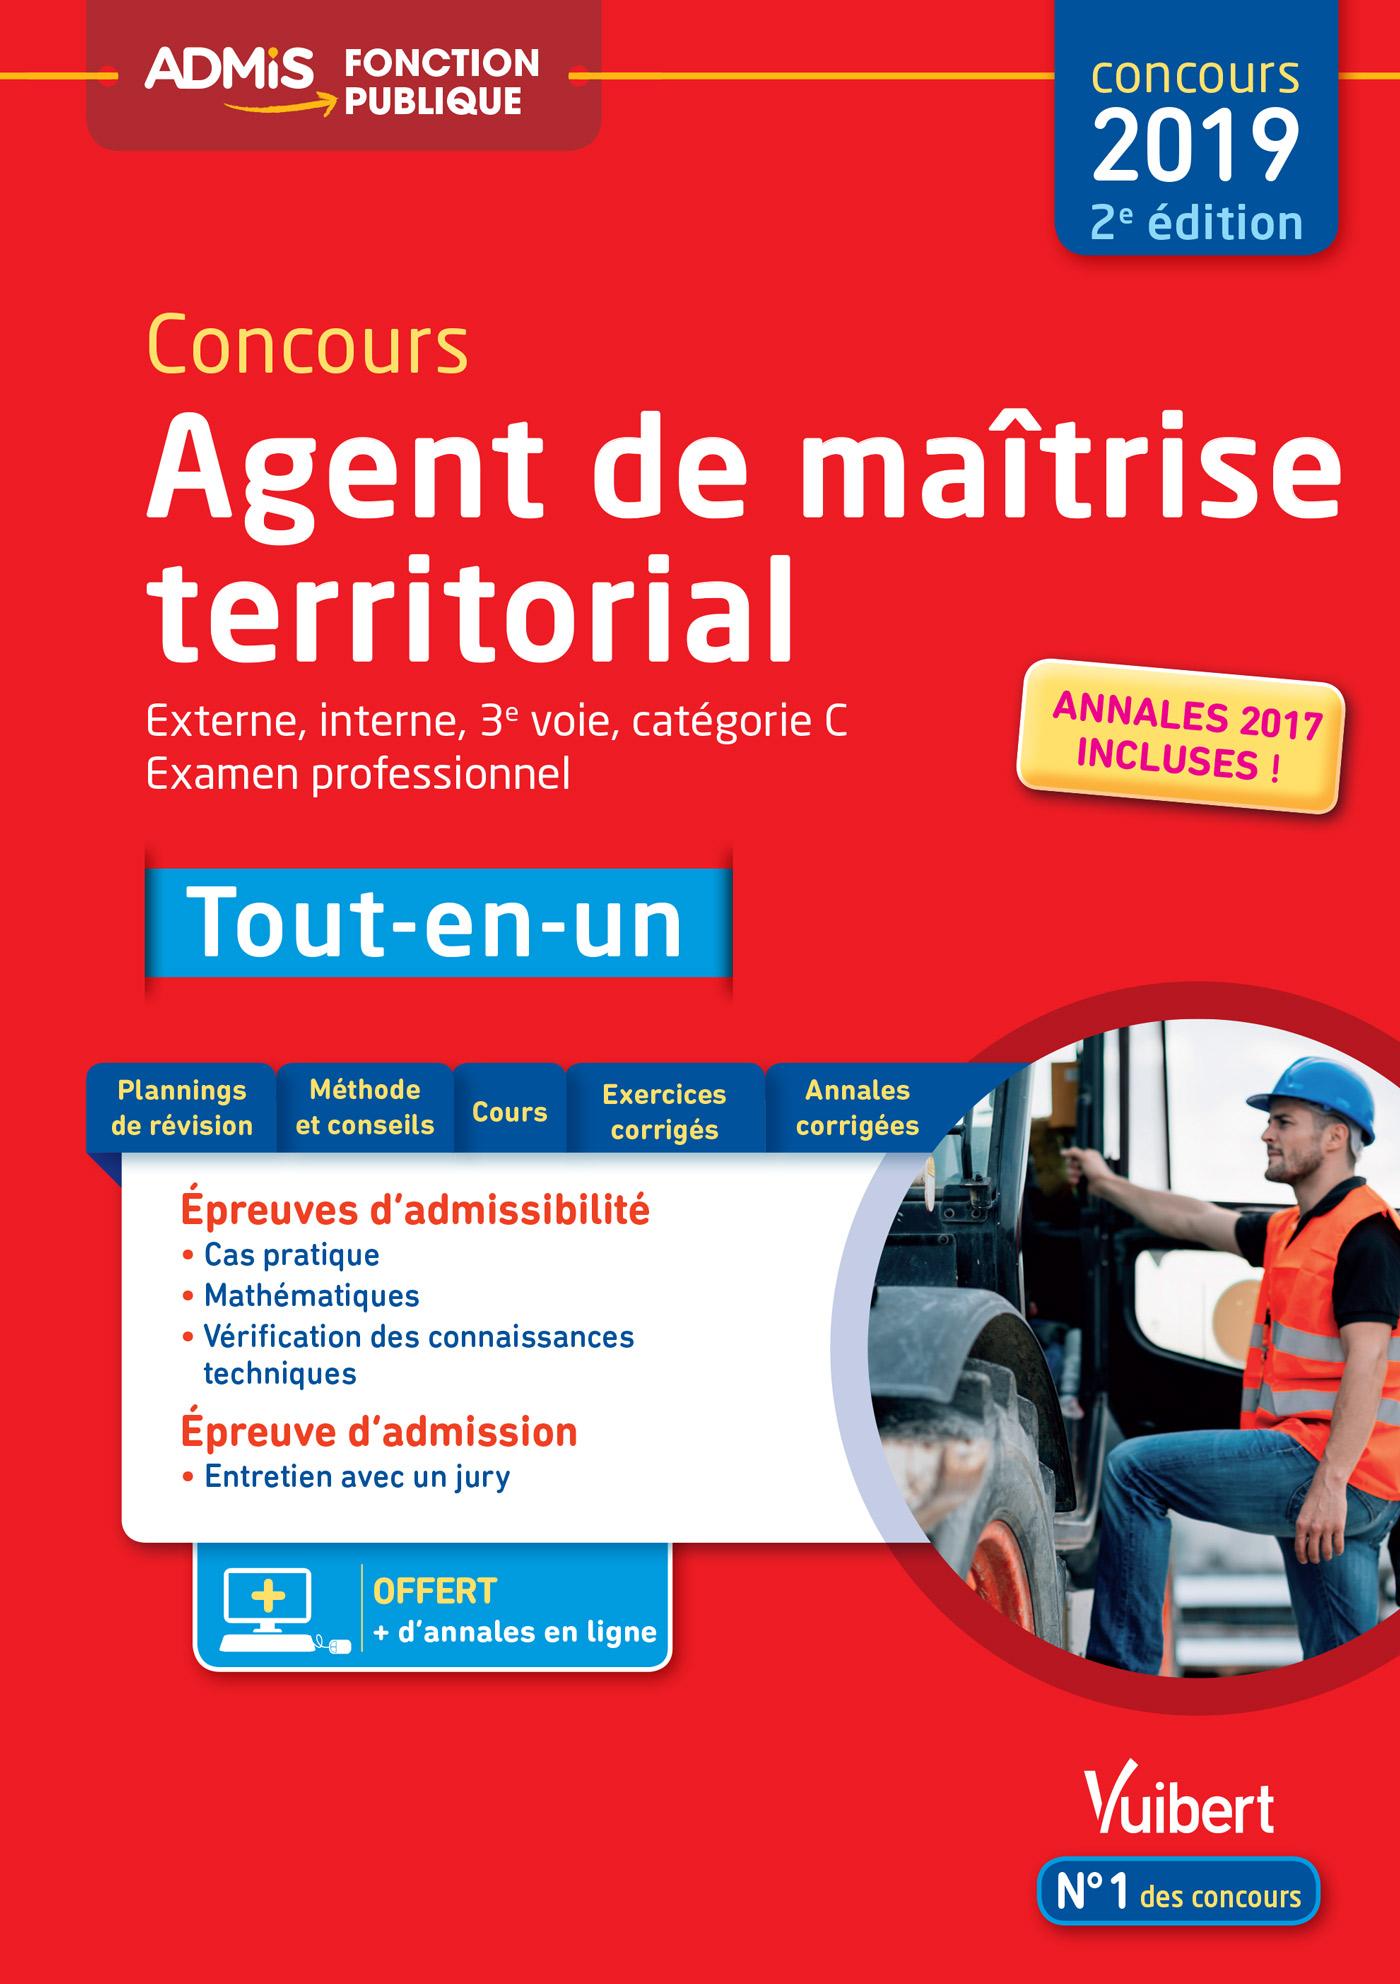 b244c25b71d Concours Agent de maîtrise territorial - Catégorie C - Tout-en-un ...